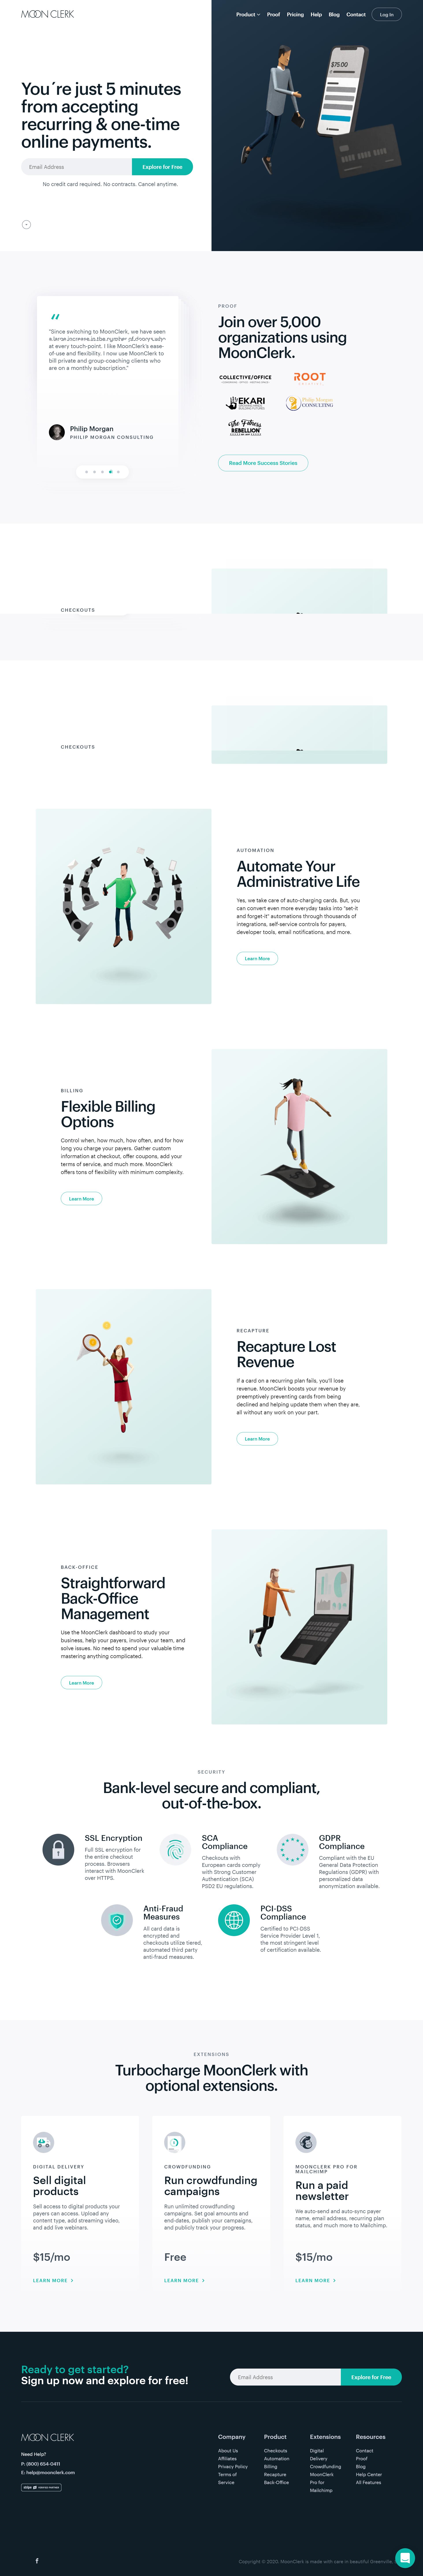 Web design inspiration for SAAS/Tech/Finance websites.